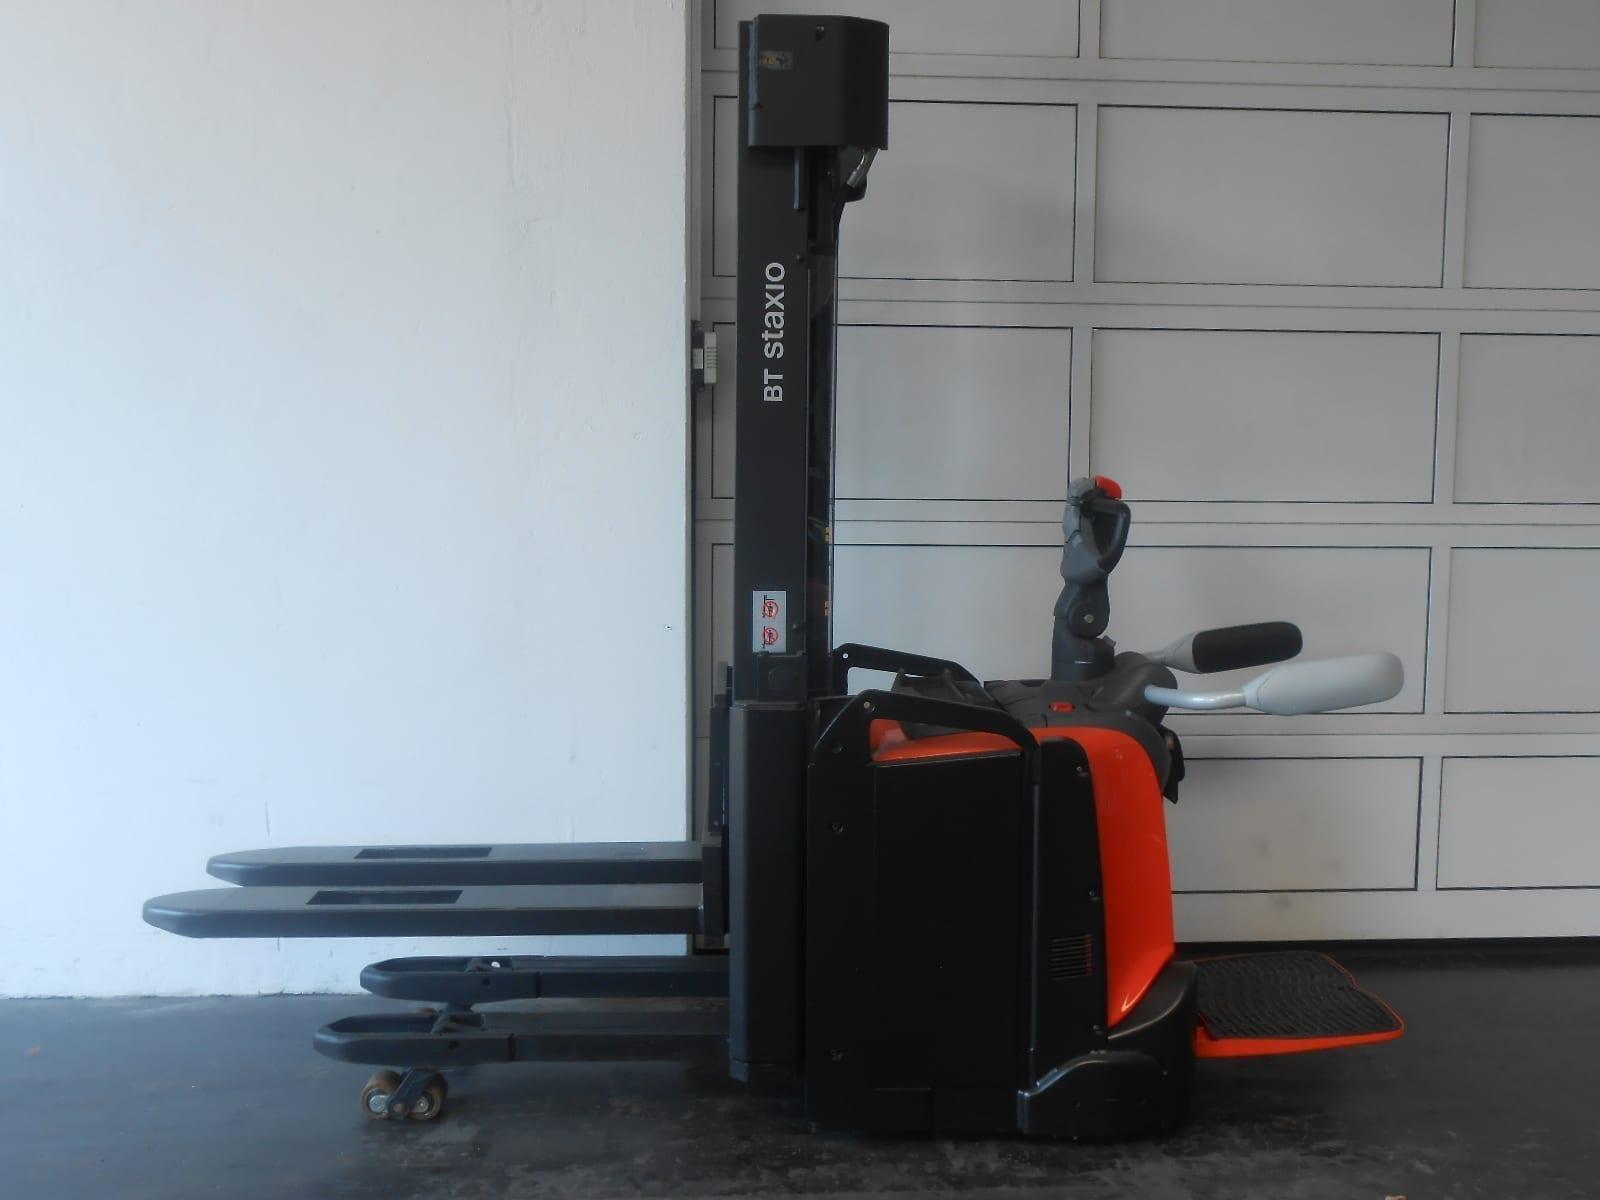 Toyota-Gabelstapler-59840 1807019104 1 96